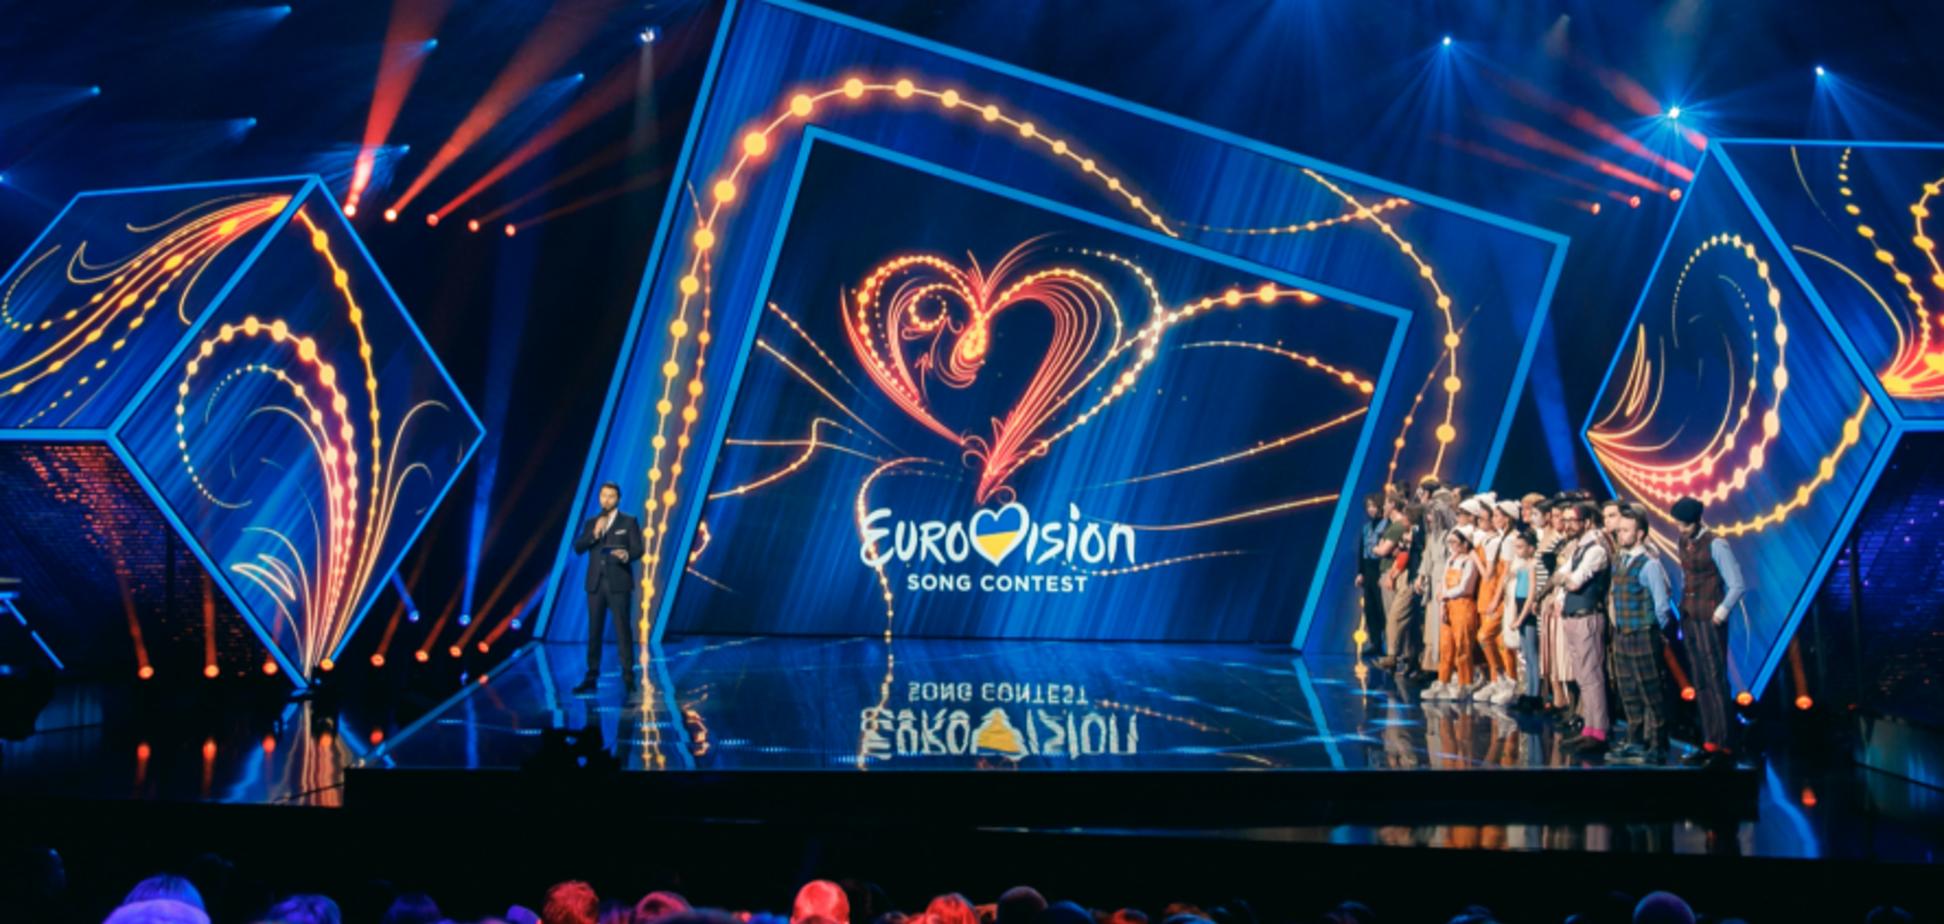 'Евровидение — часть войны': в Кабмине потребовали отсеять часть претендентов от Украины